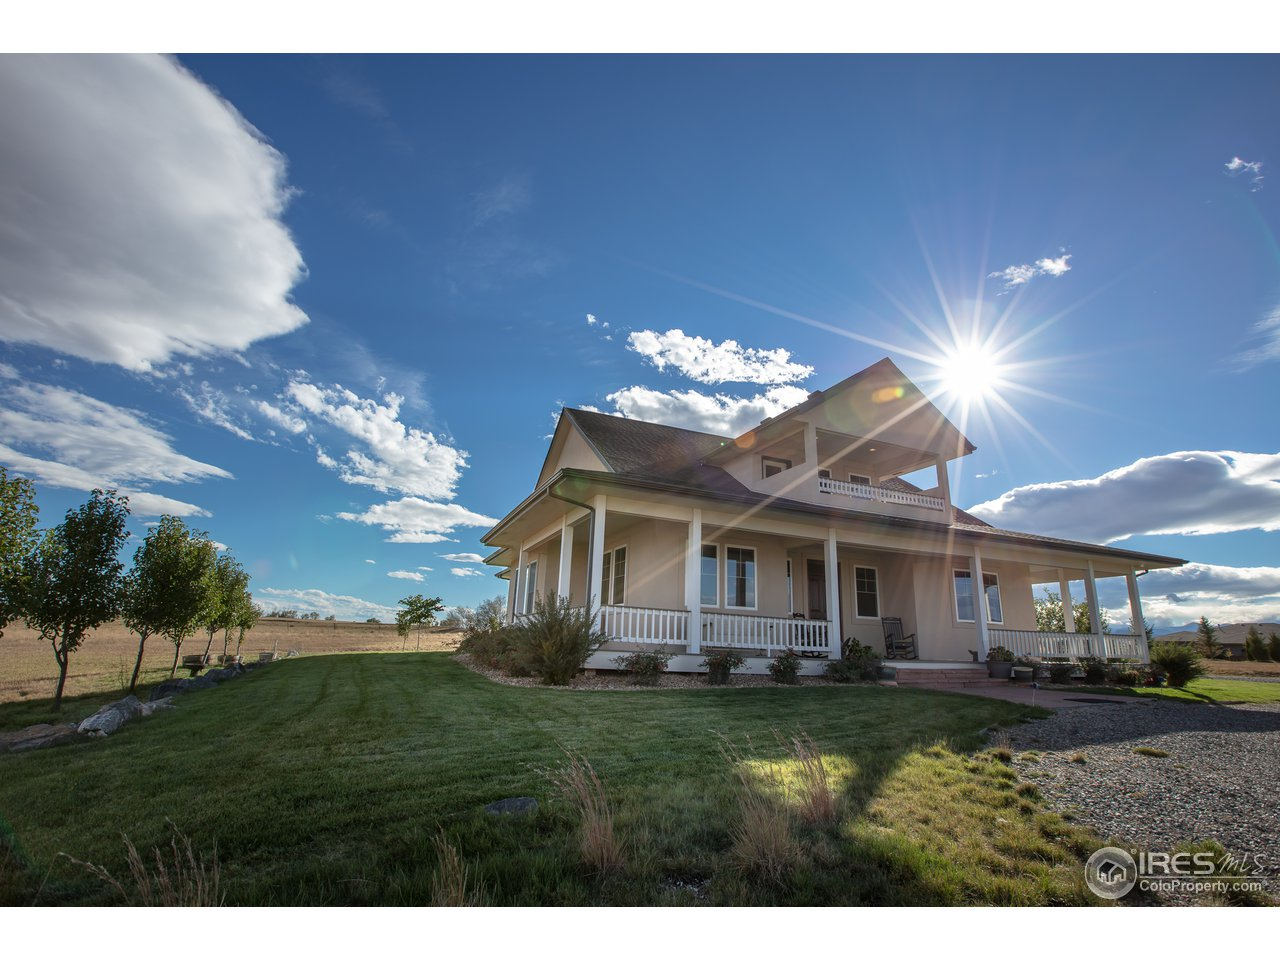 Kentucky blue grass surrounds the home